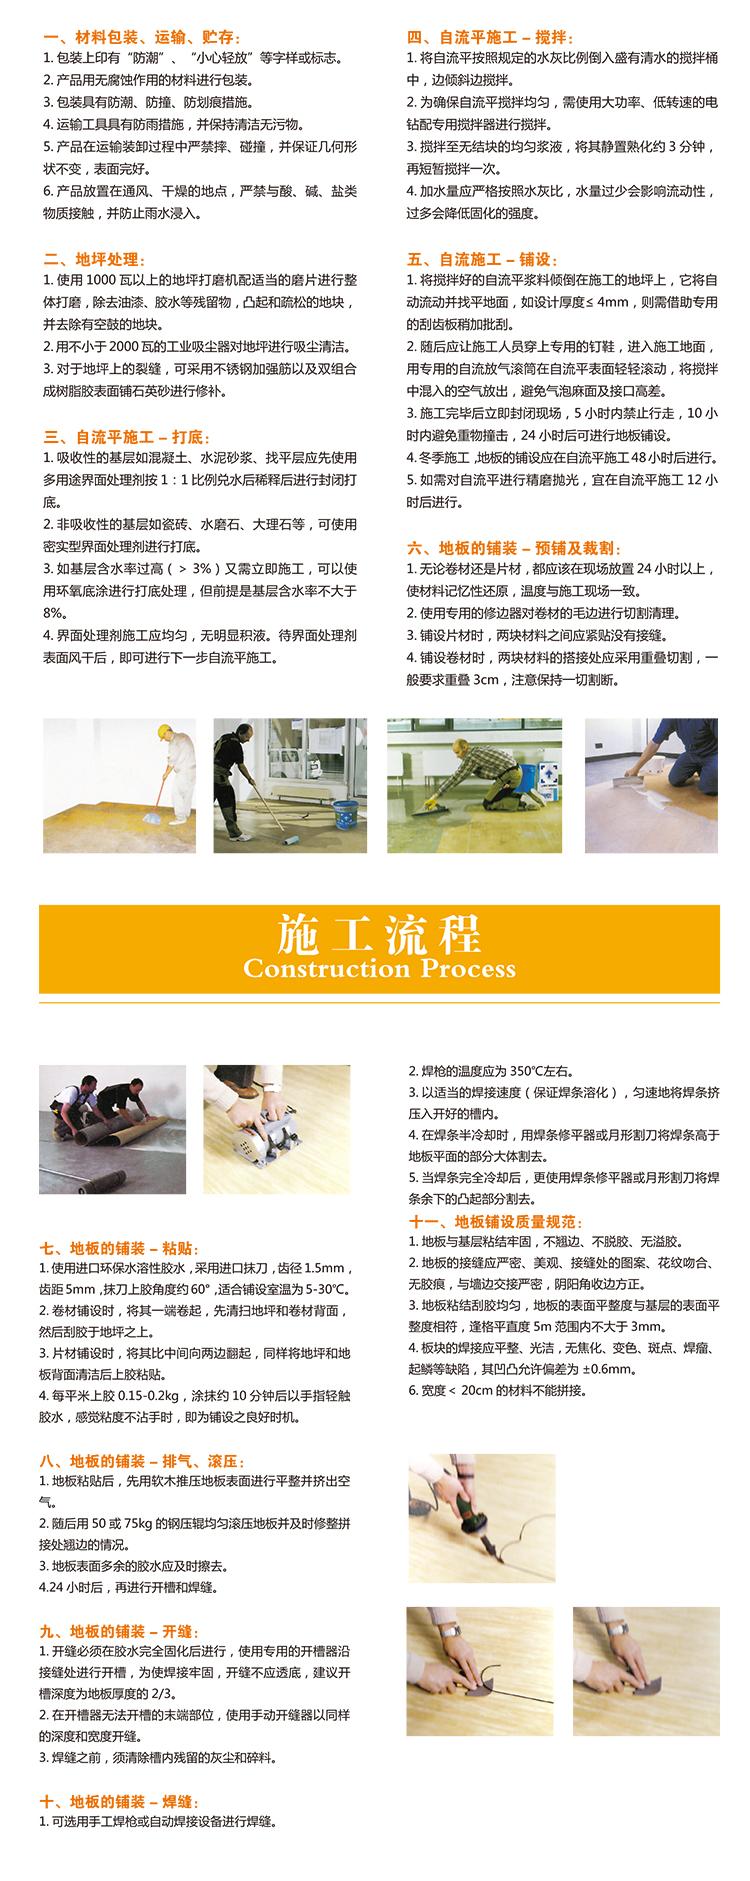 佳丽龙地板详情页_05